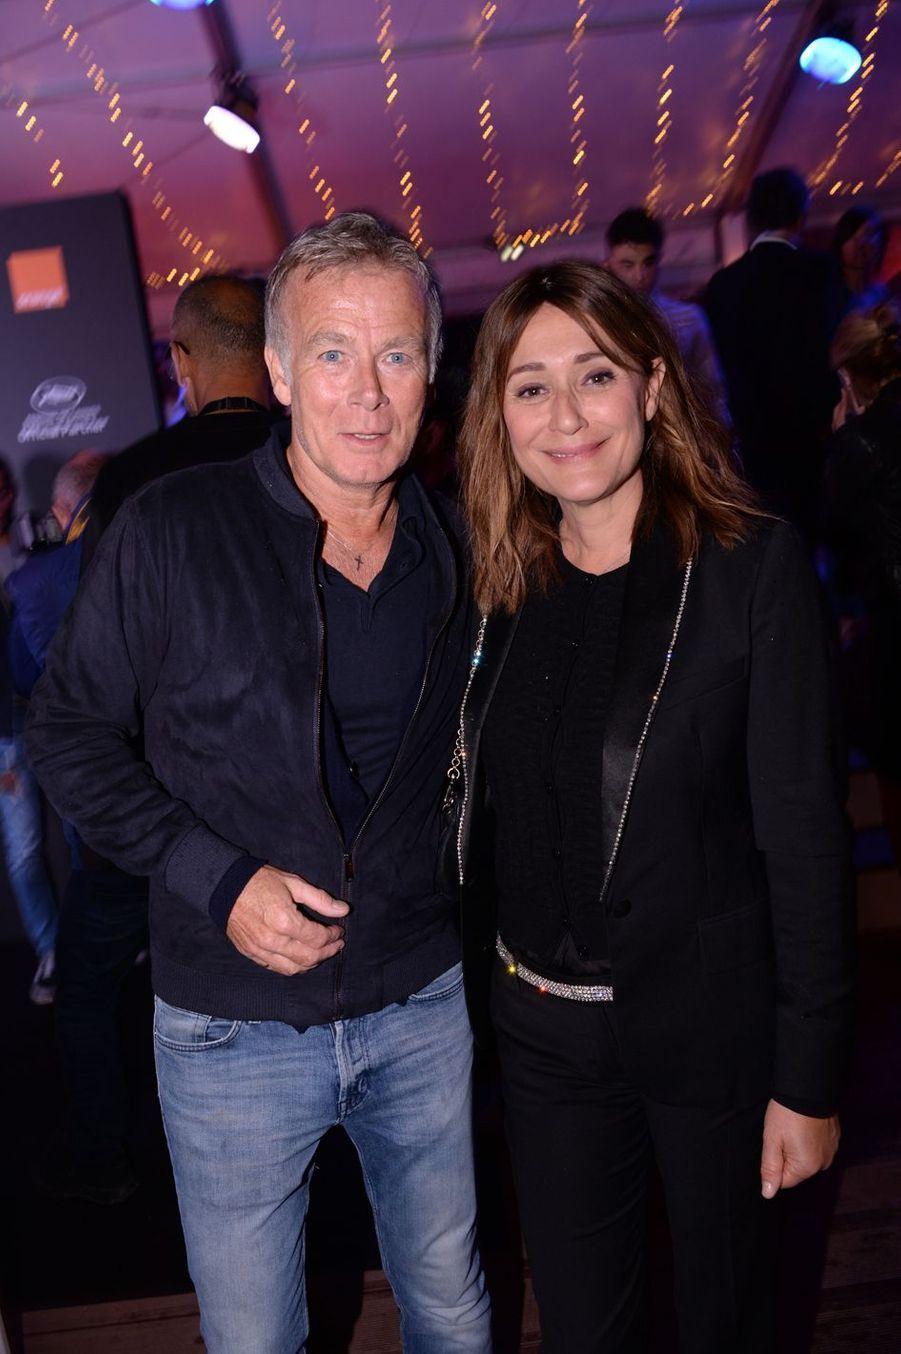 Franck Dubosc et Daniela Lumbrosolors de la soirée Orange à Cannes, le 18 mai 2019